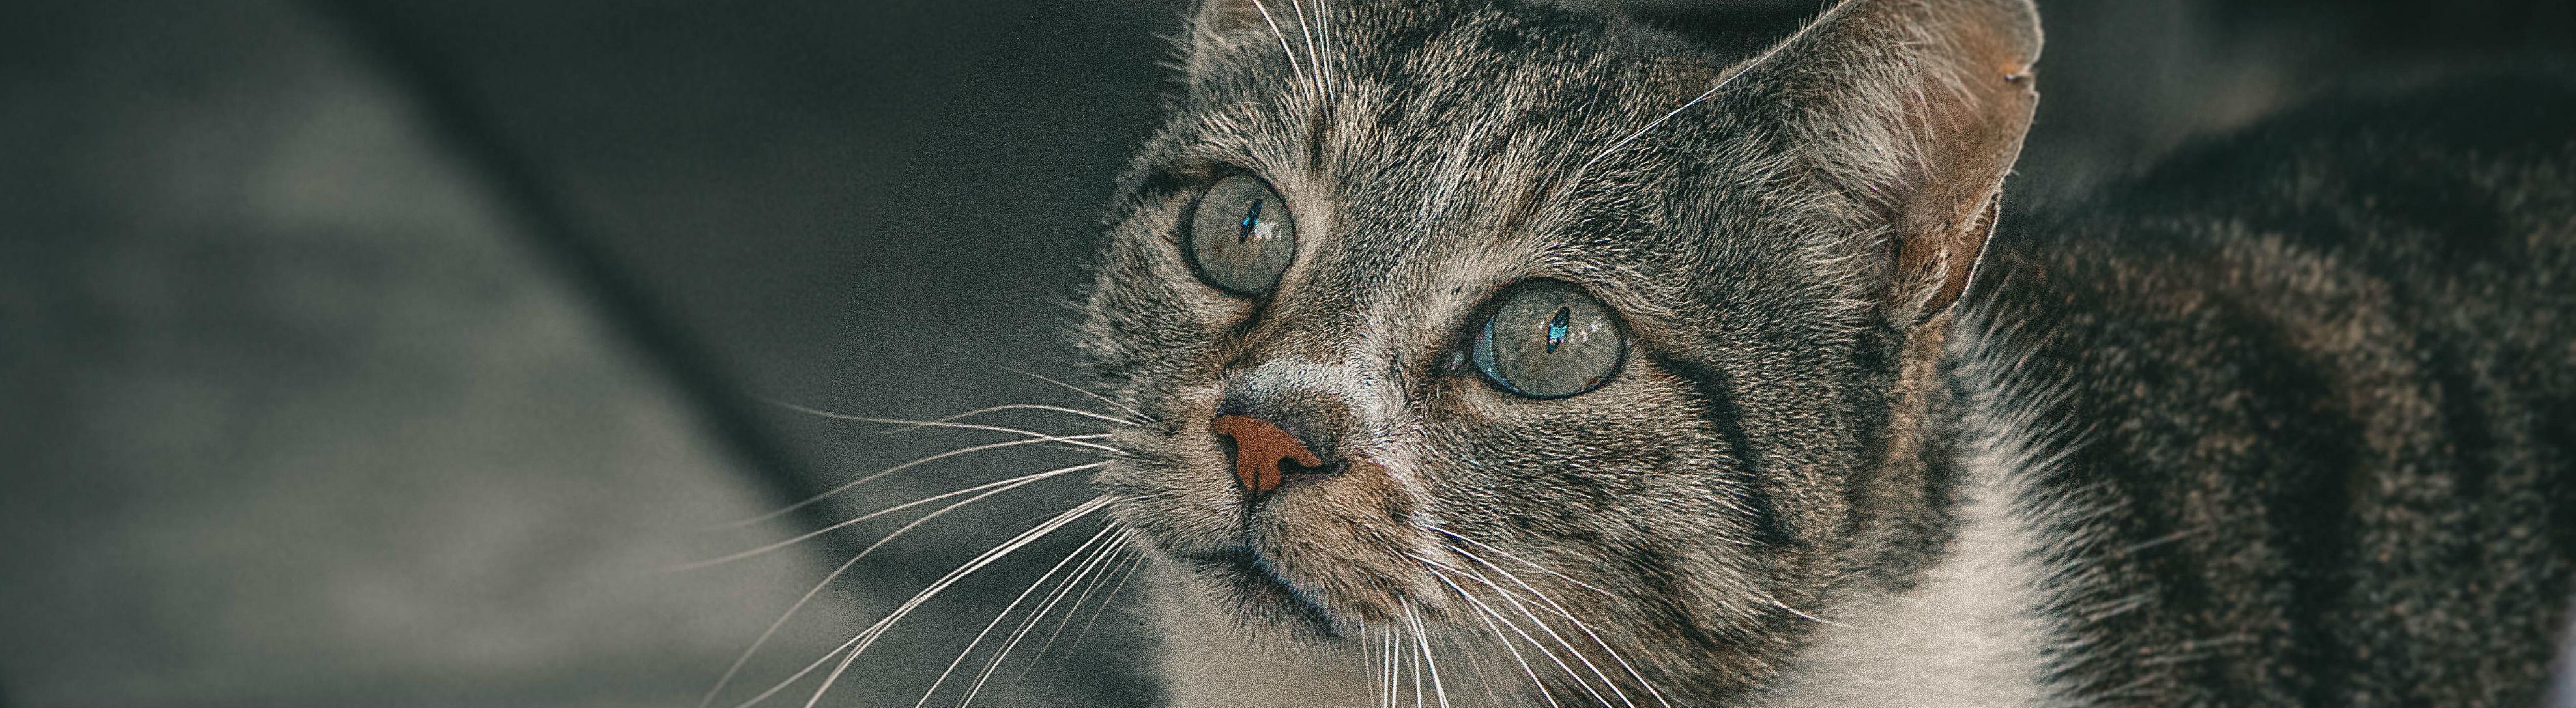 Katze auf der Straße, die hungrig nach oben schaut.